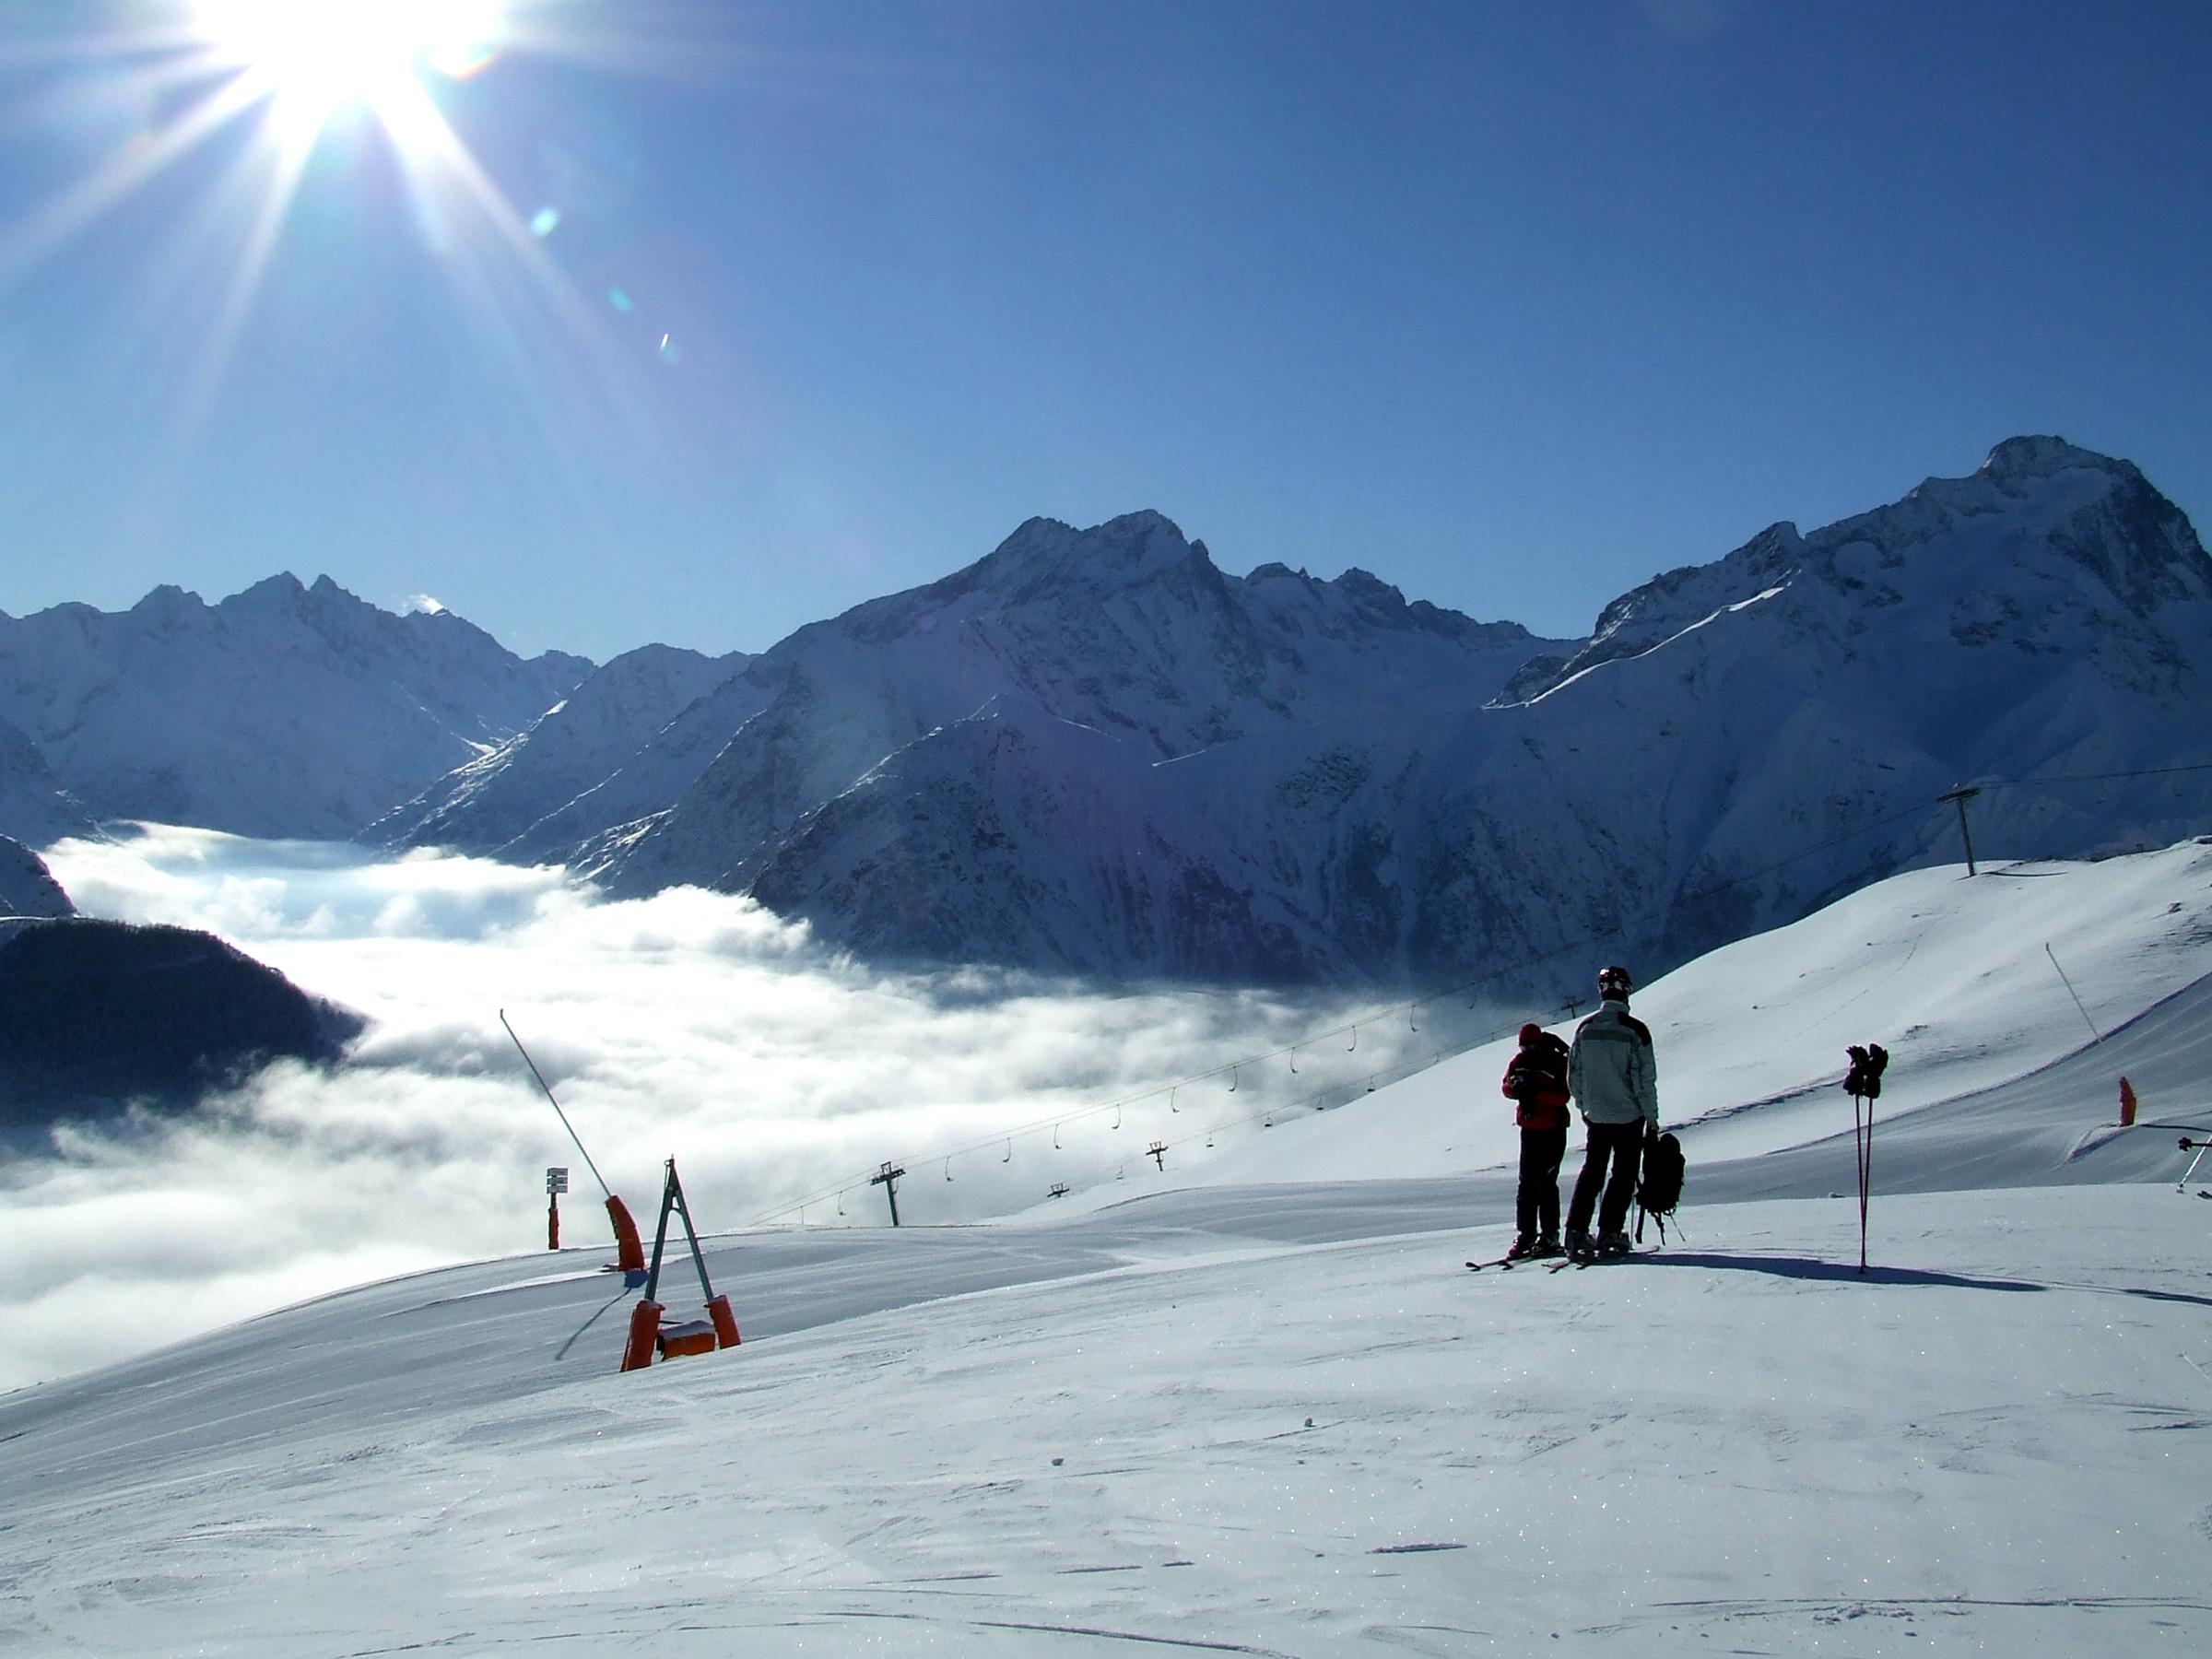 Vue de la station des Deux Alpes